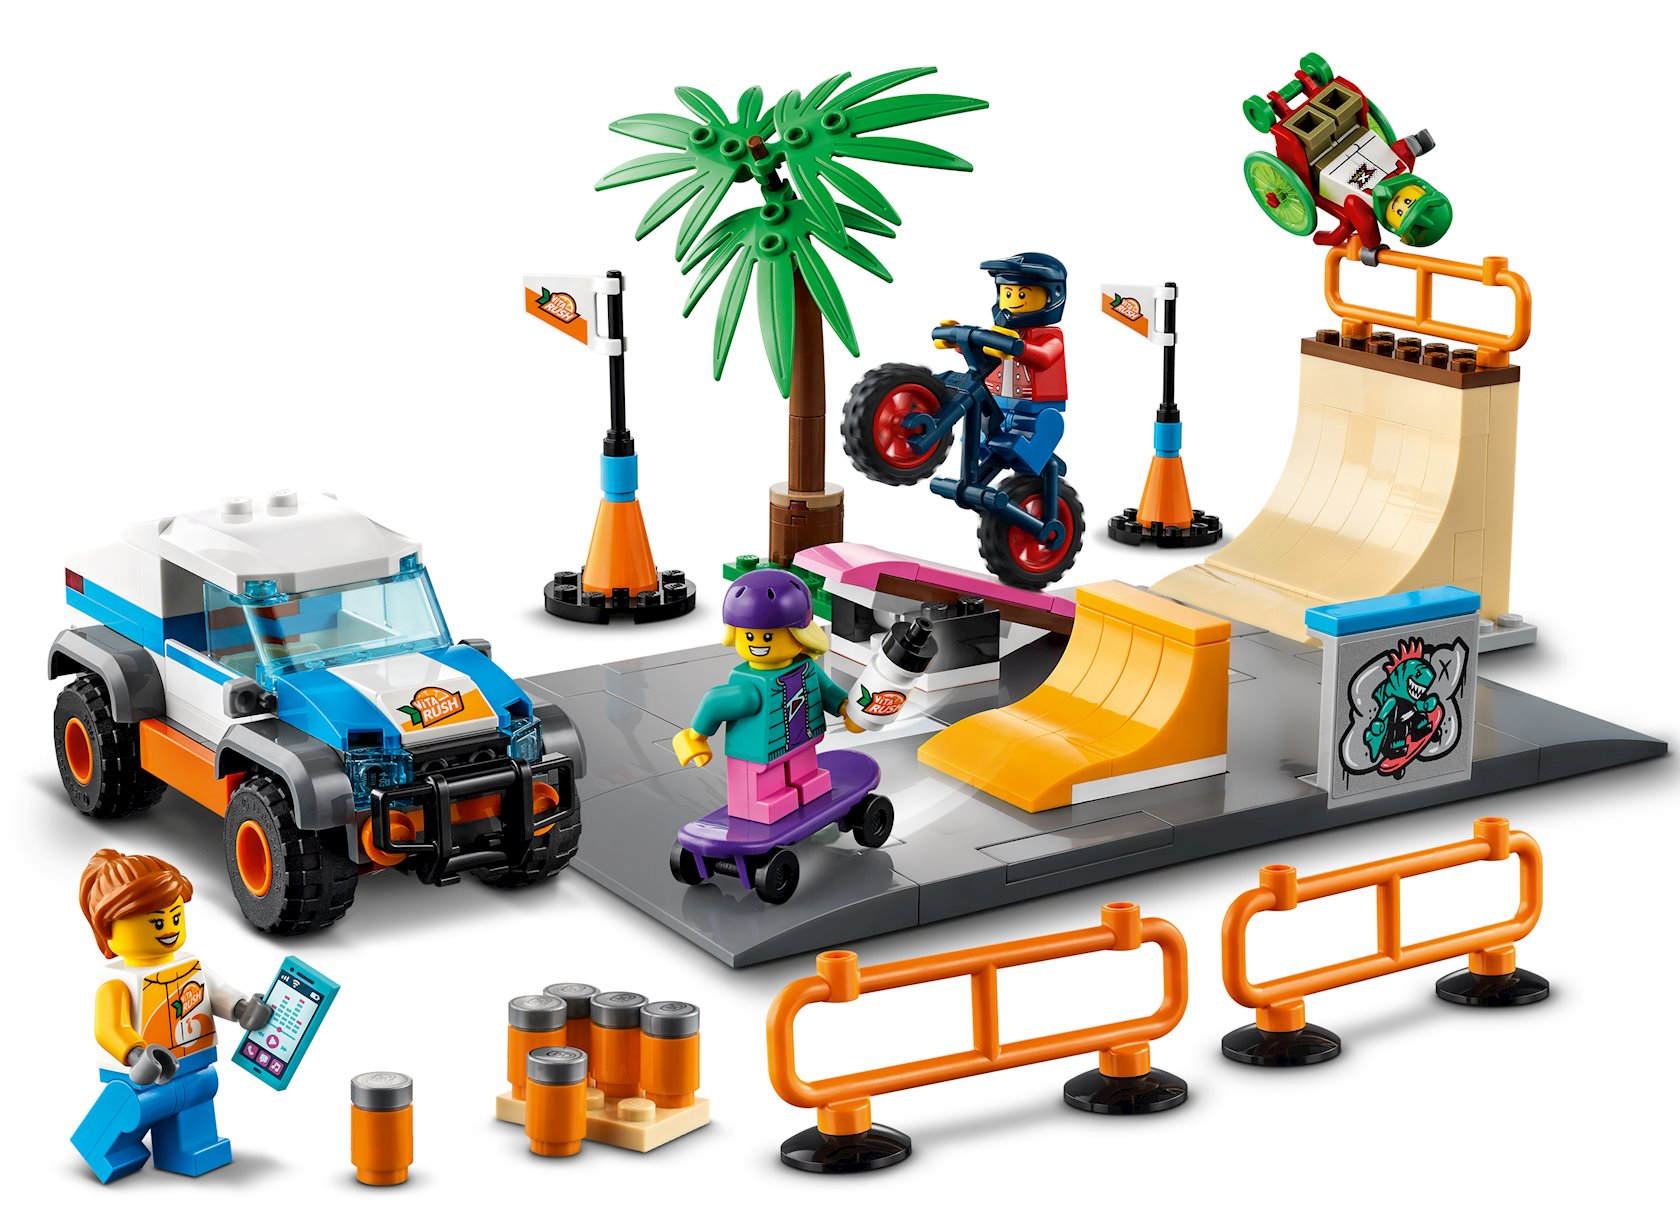 Konstruktor Lego City Skeyt-park